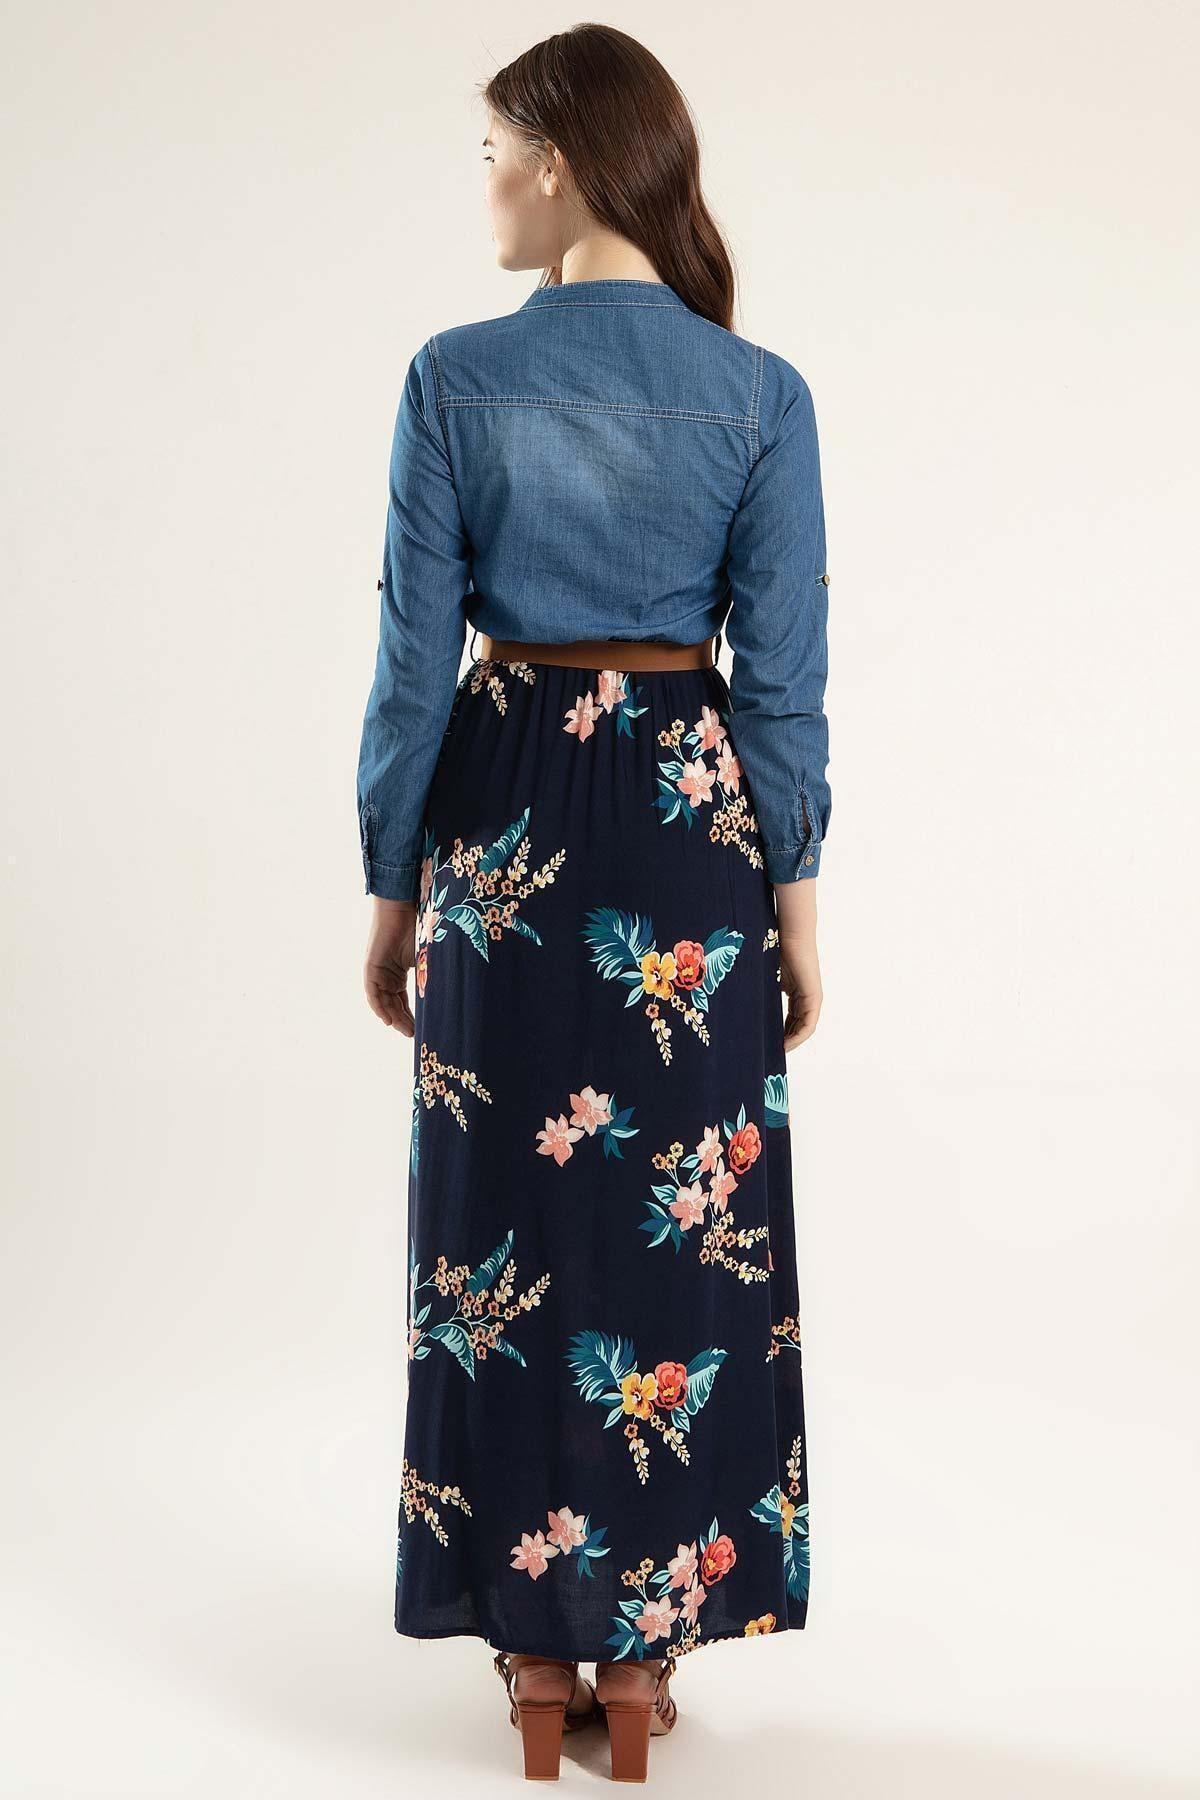 Pattaya Kadın Eteği Çiçekli Uzun Kot Elbise Y20s110-1395 2